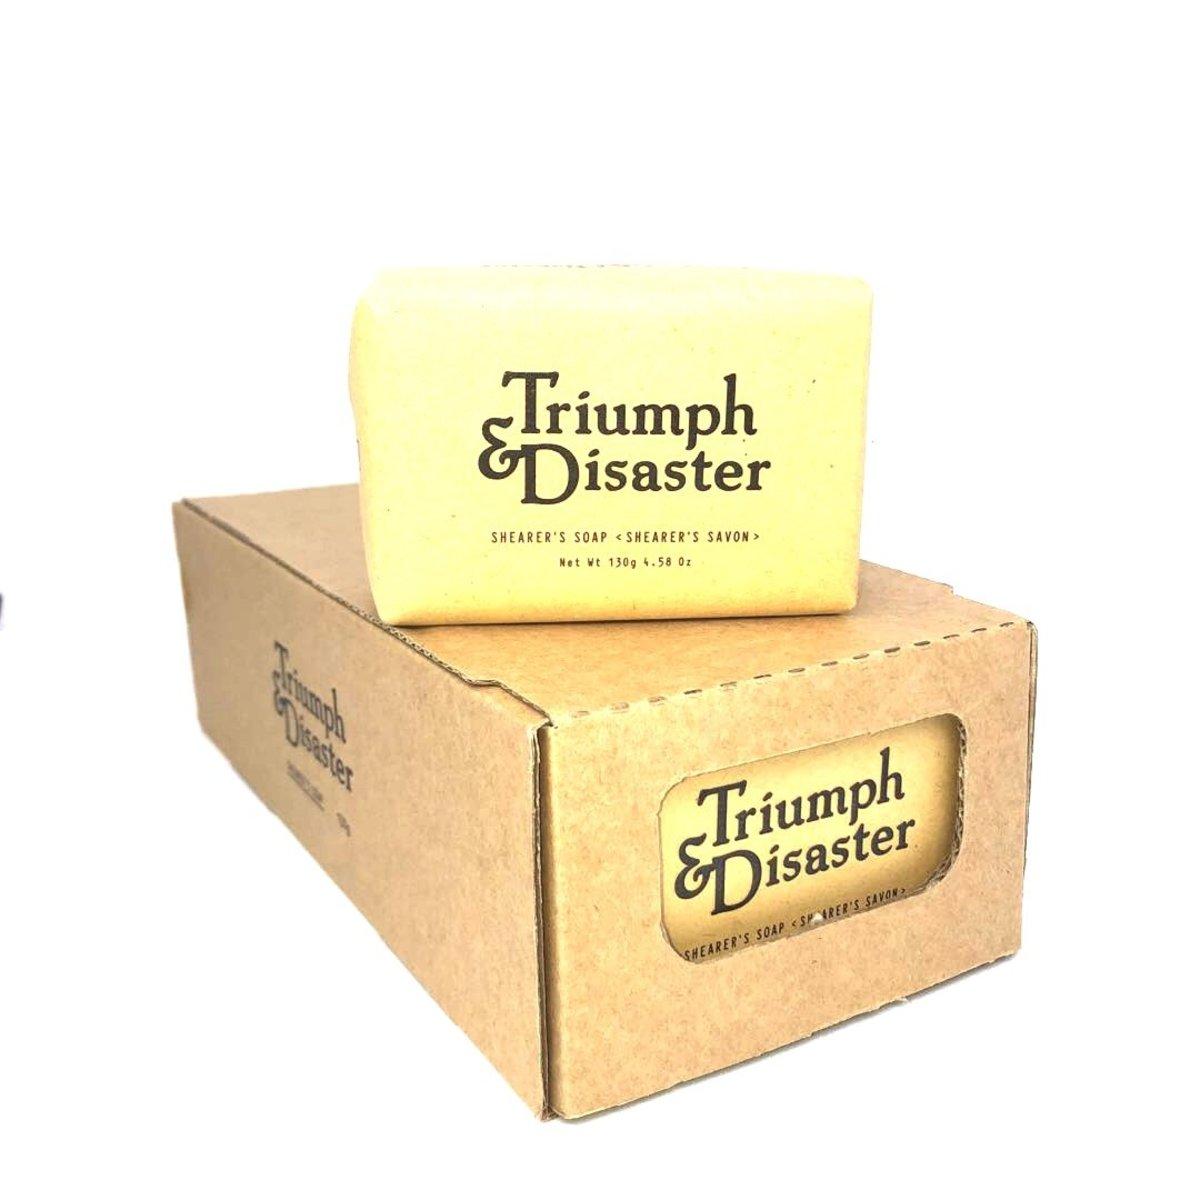 Triumph & Disaster shearerssoap